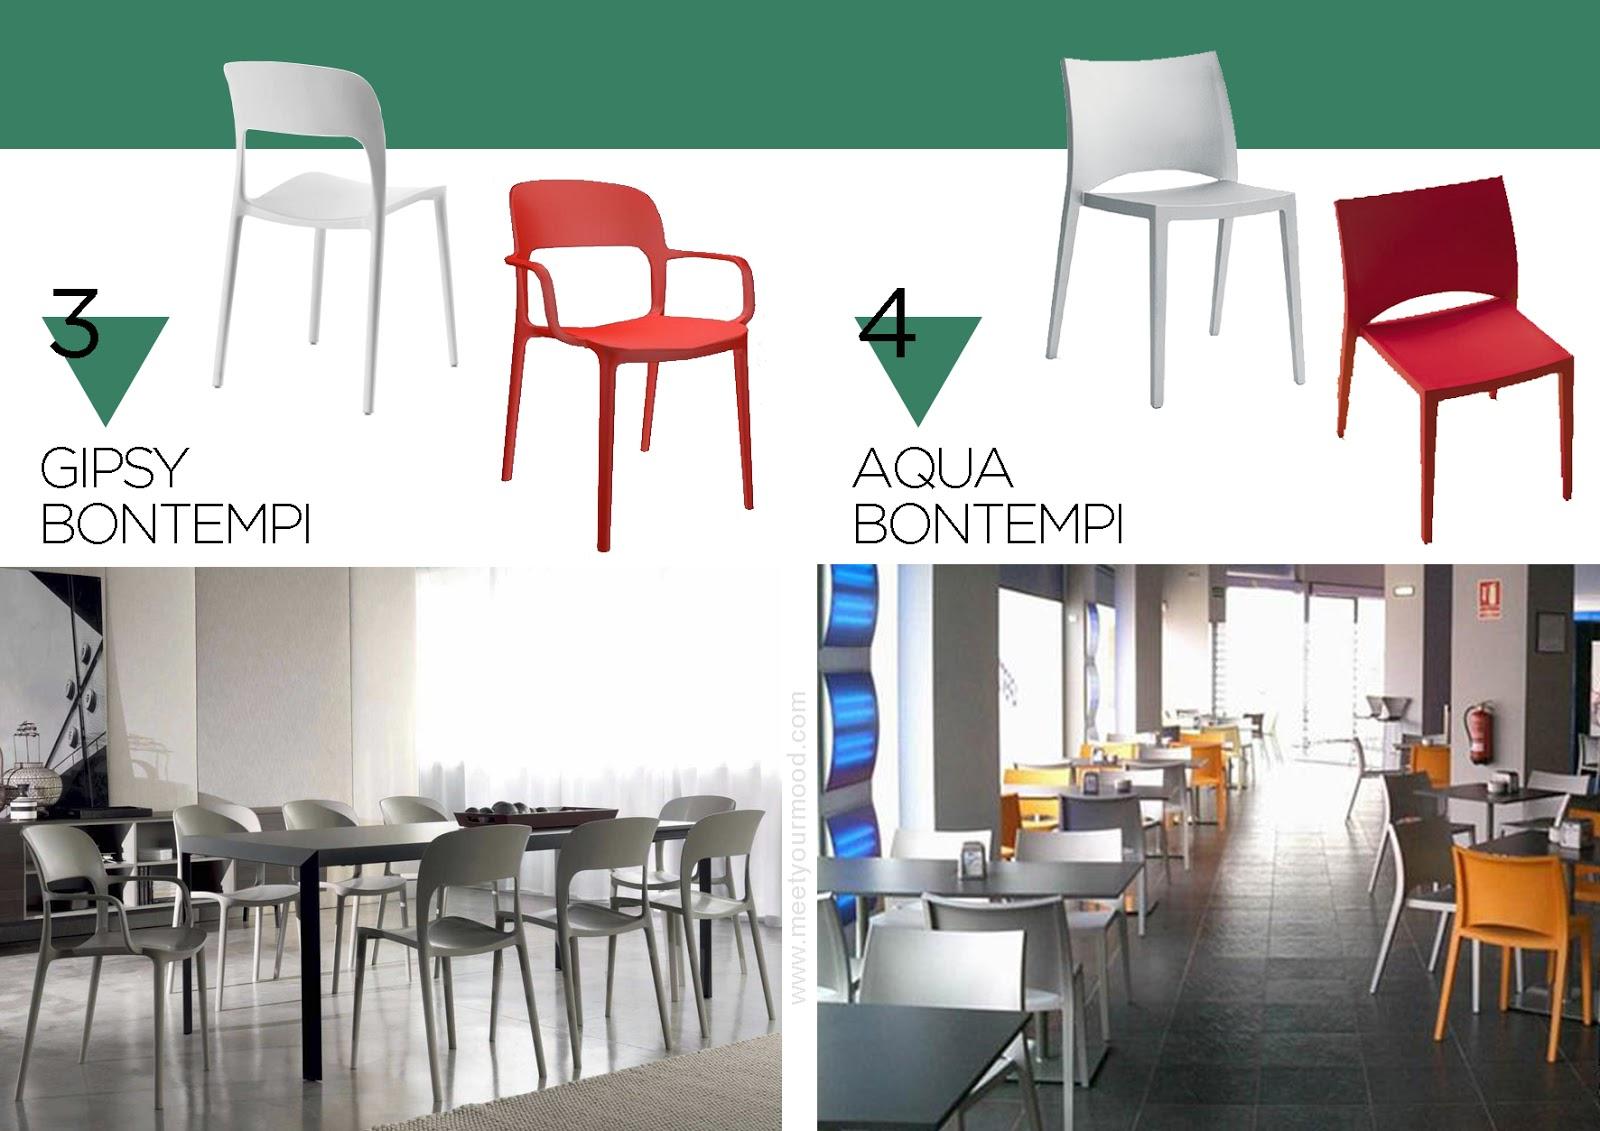 Top cucina ceramica rifare top cucina for Progettista di piano casa online